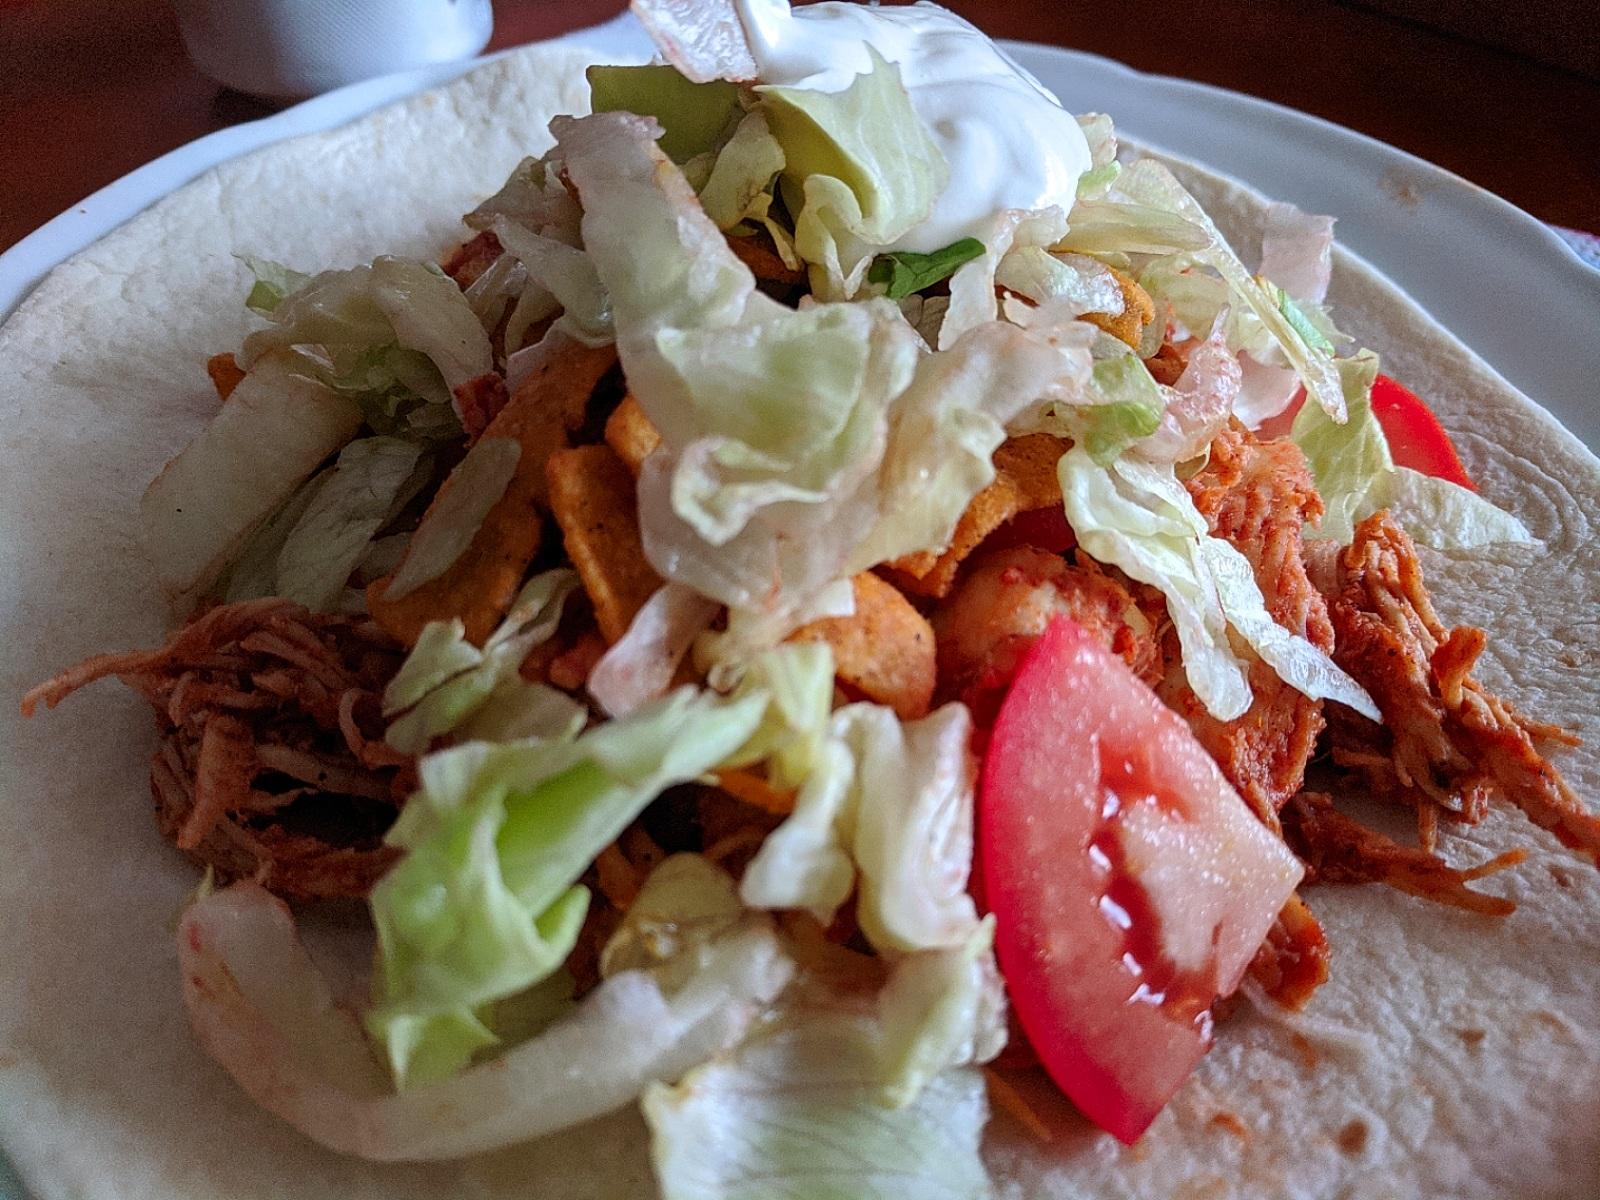 Sarah's Easy Shredded Chicken Taco Filling Scott Phelan